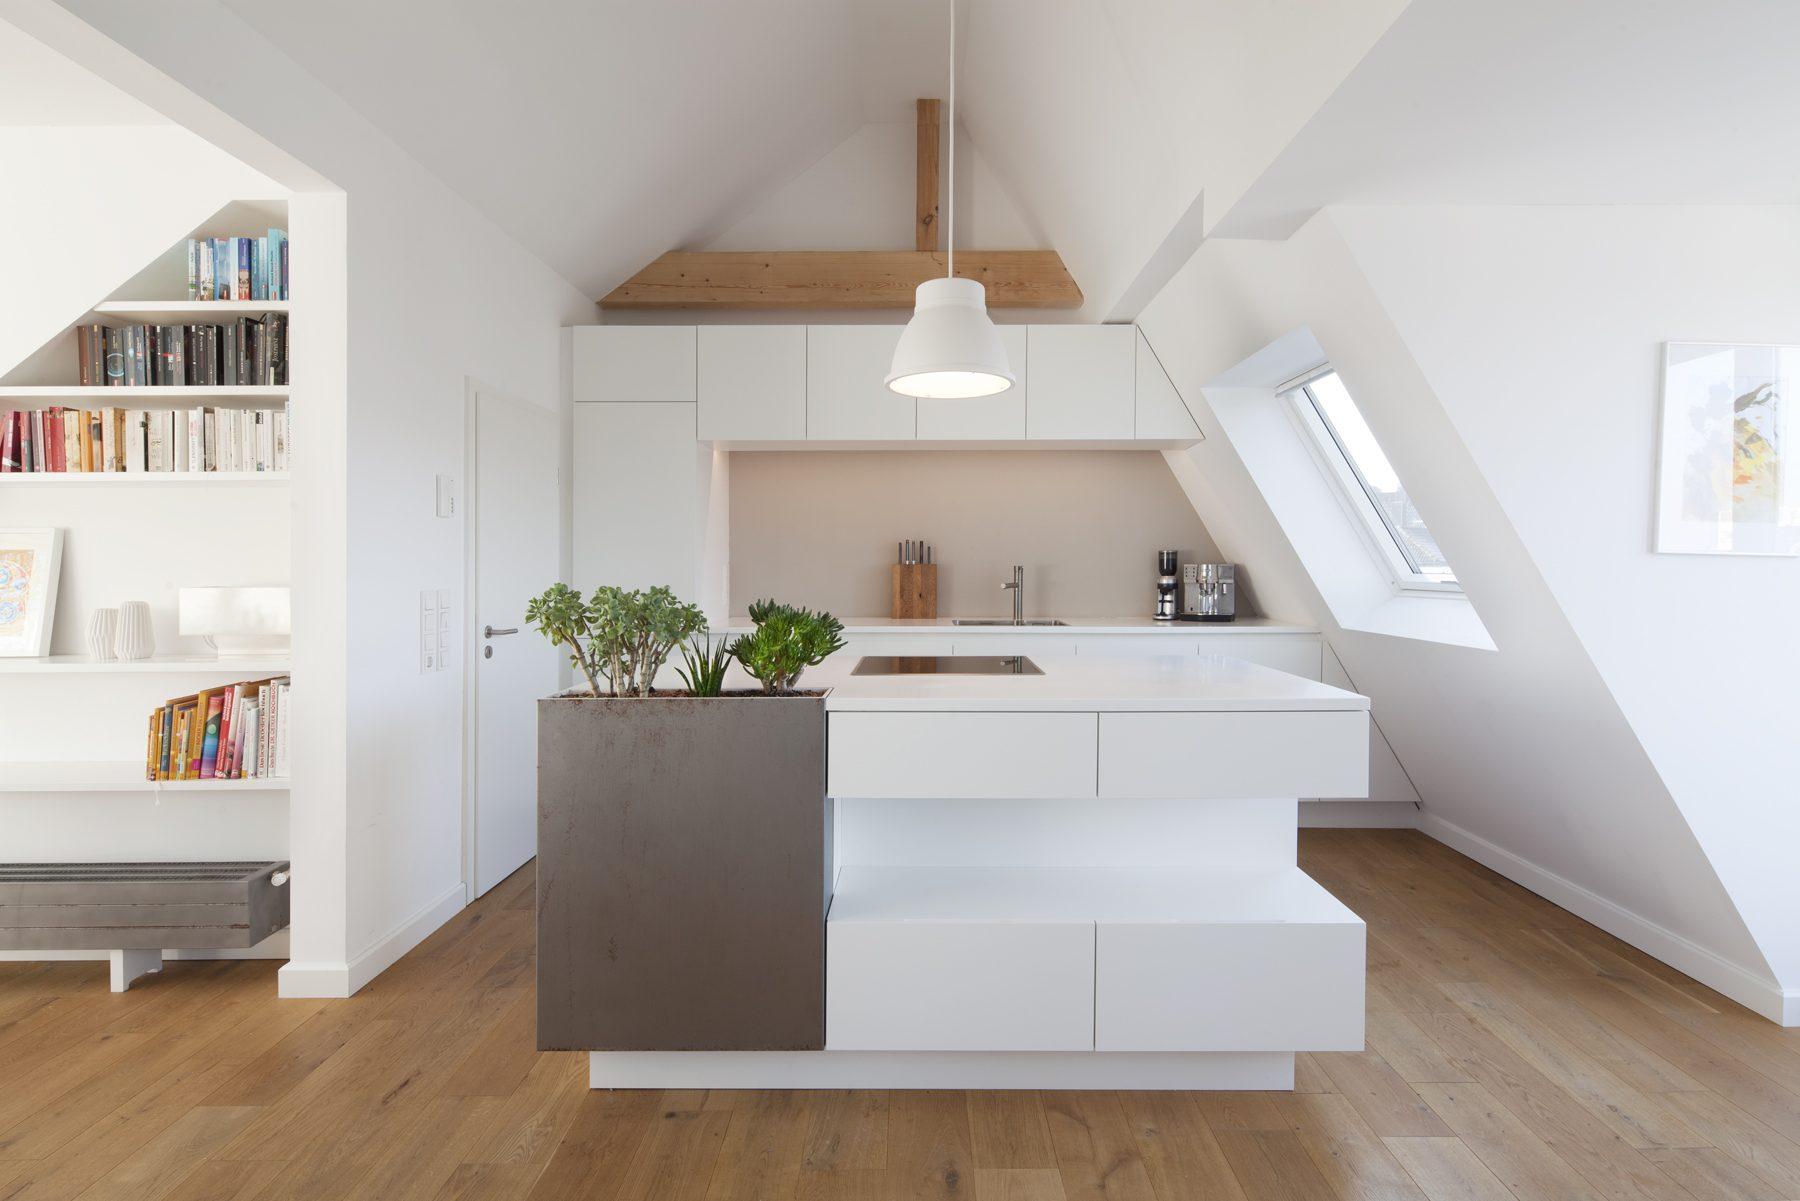 Küche 3form GmbH